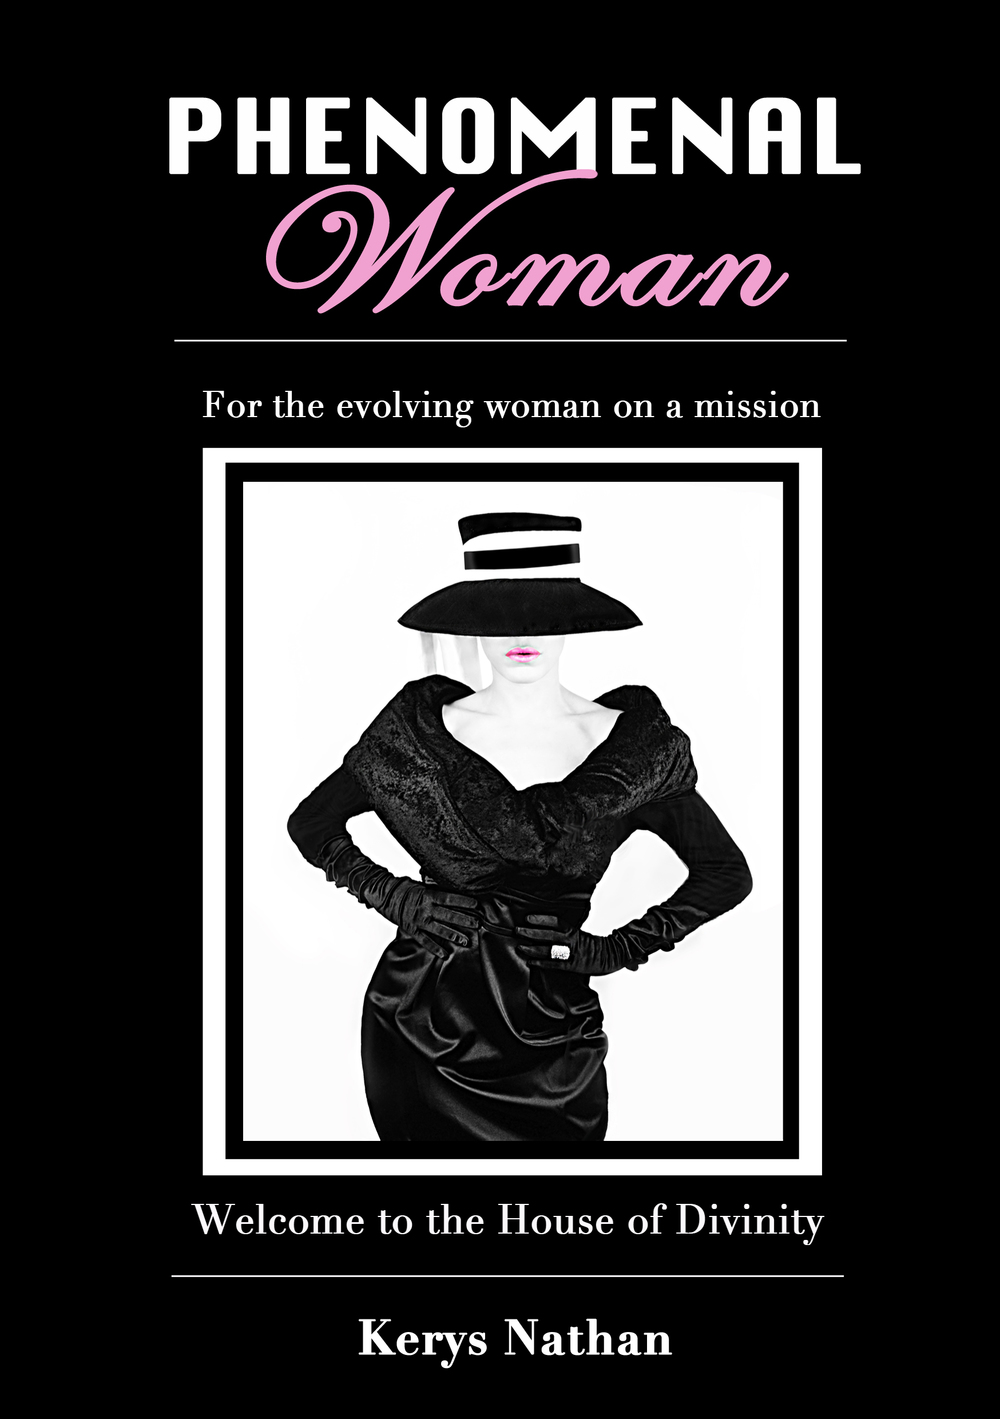 Phenomenal woman cover shot final.jpg